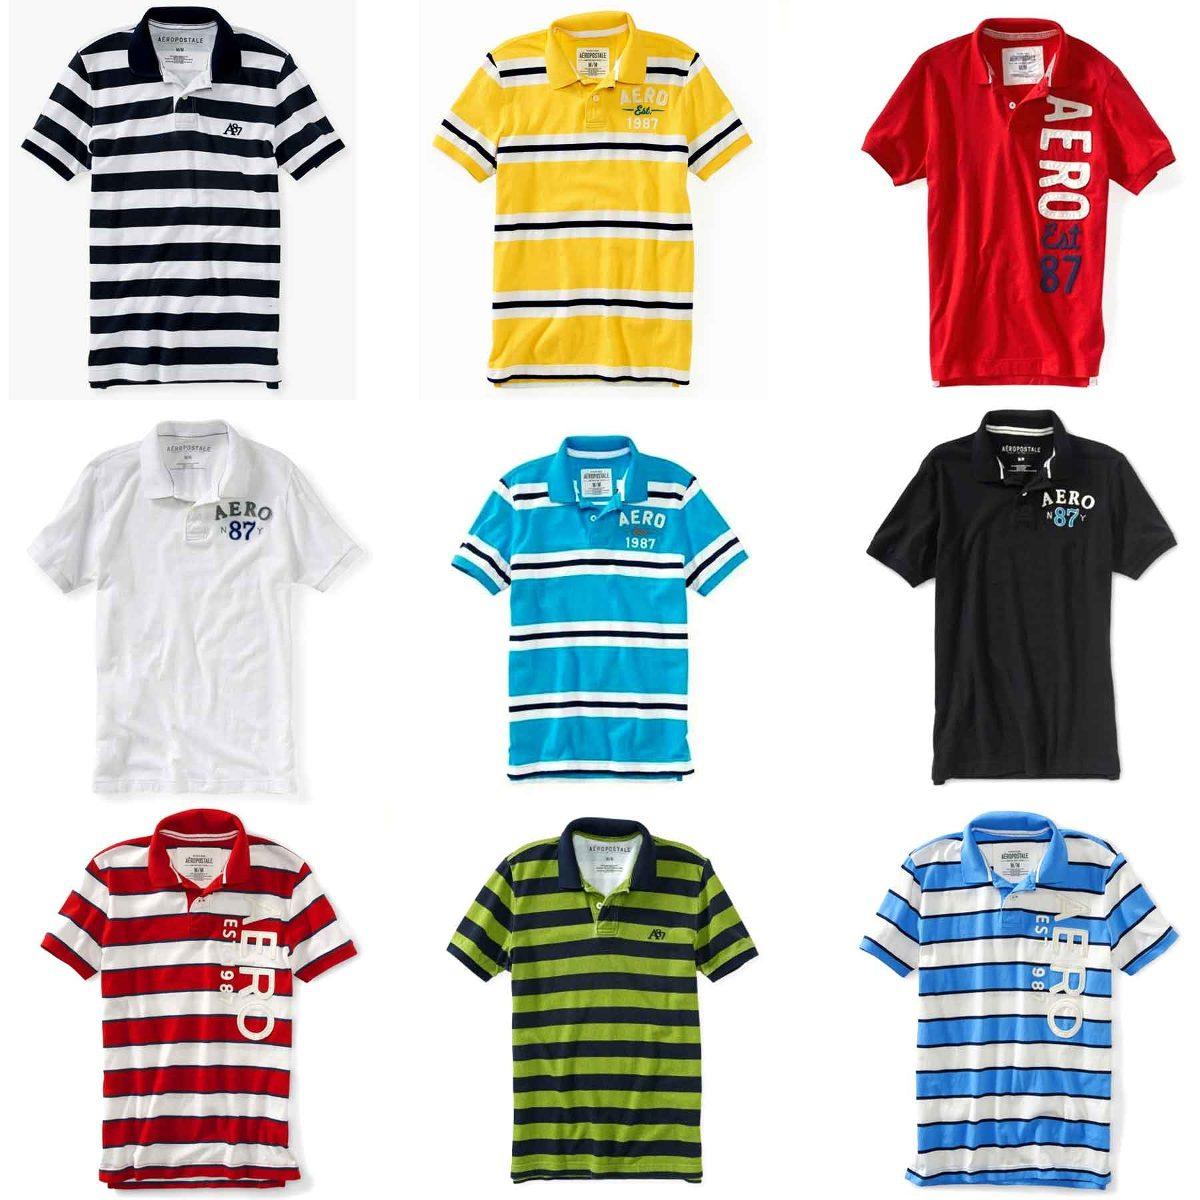 Camisetas Aeropostale - Vários Modelos E Tamanhos No Brasil - R  68 ... 4917b7390e248